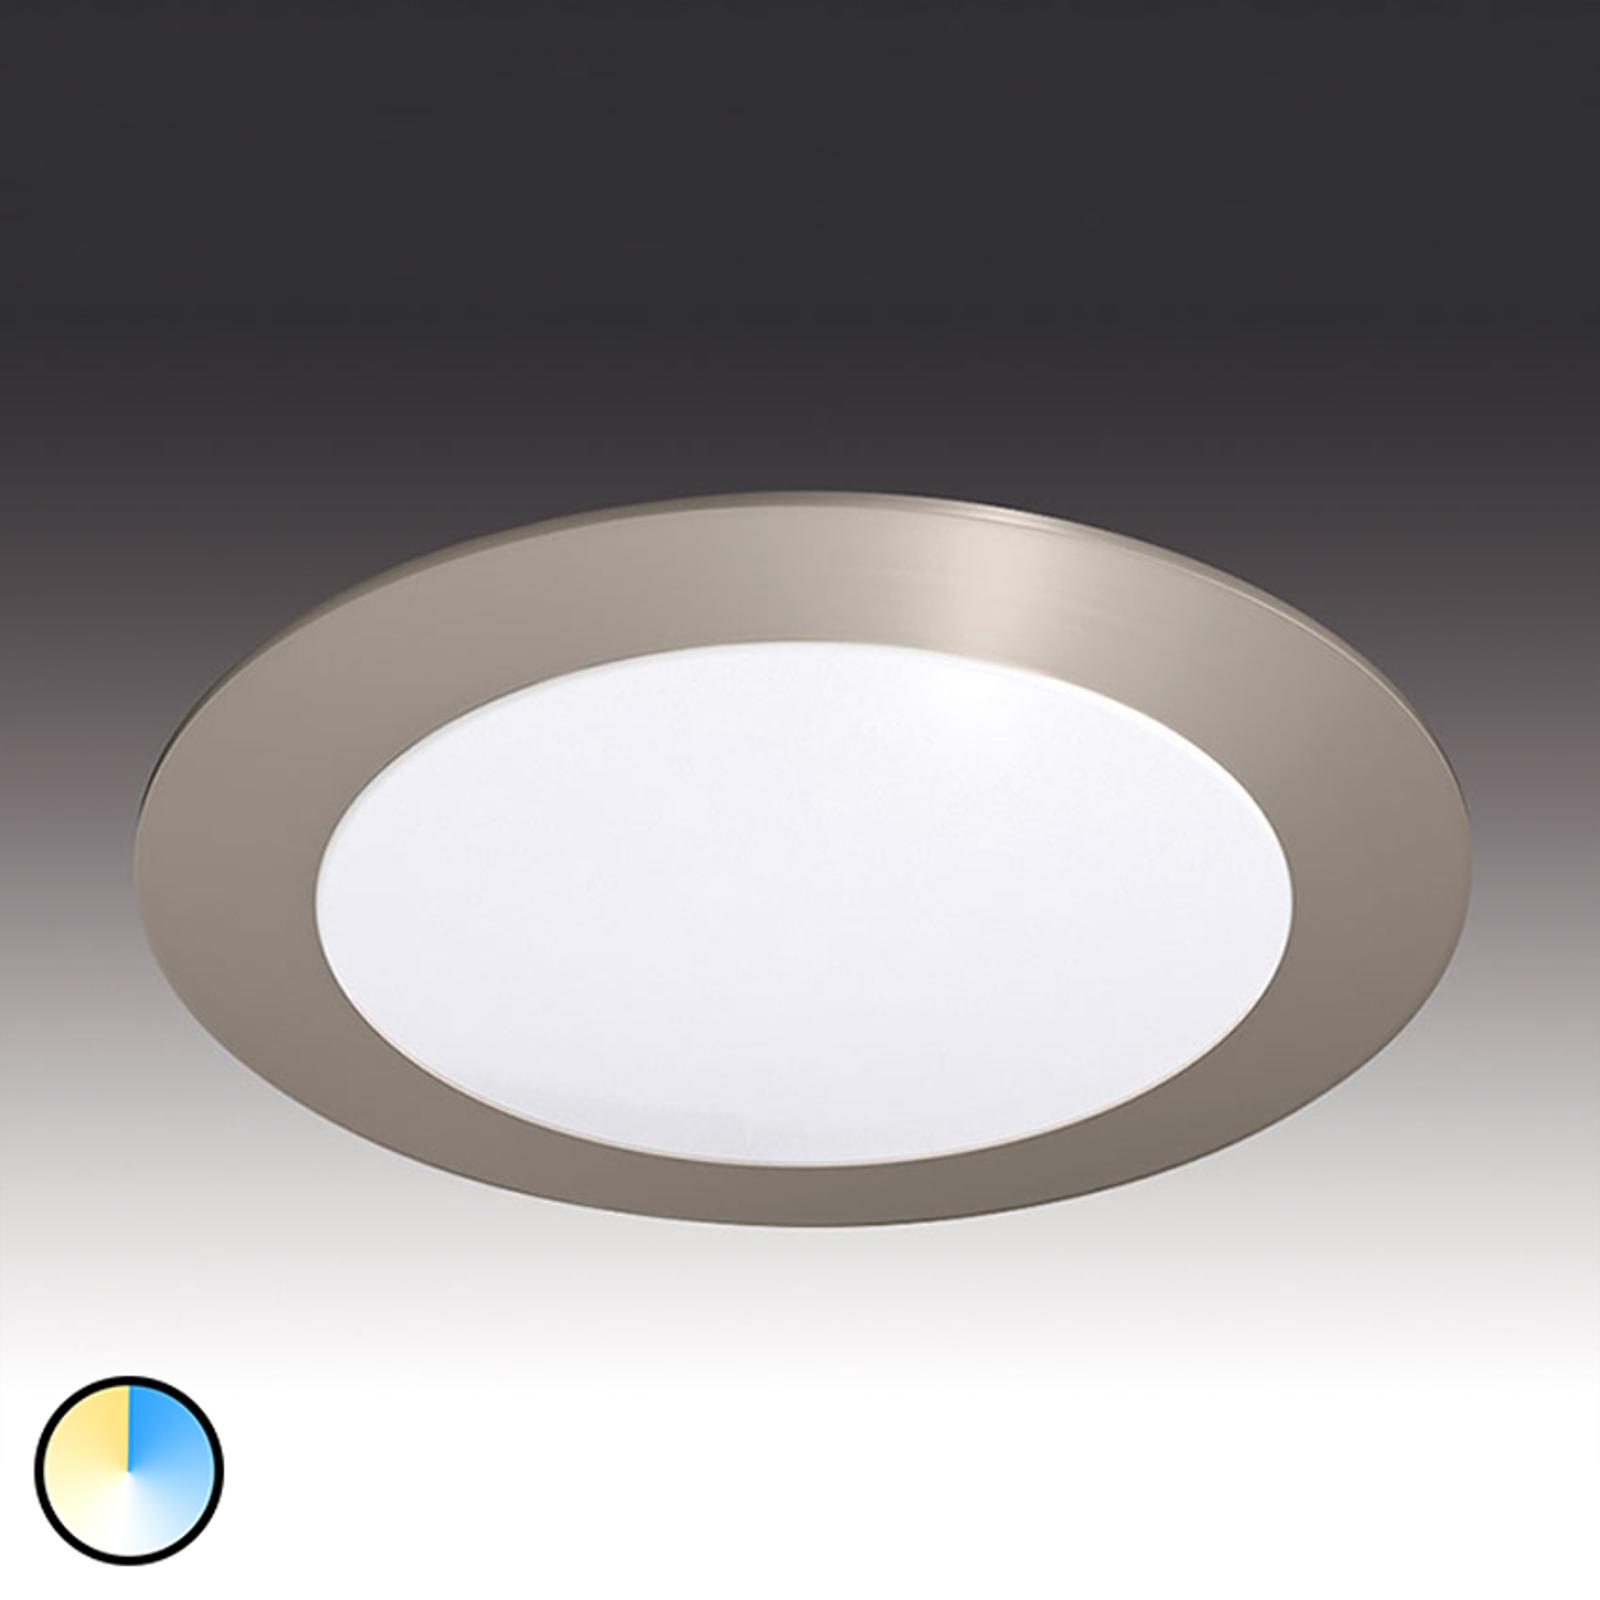 Runde LED-Einbauleuchte Dynamic FR 68-LED